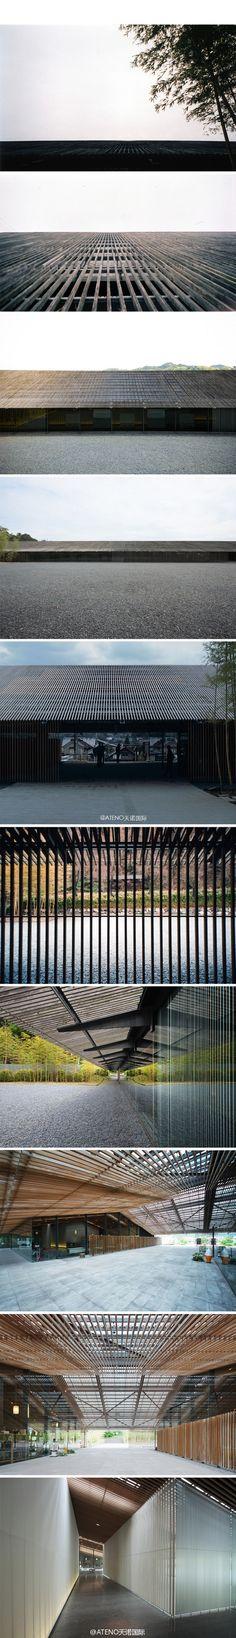 45 besten 旋转楼梯 Bilder auf Pinterest Landschaftsdesign - gartenmauer mediterran verputzt